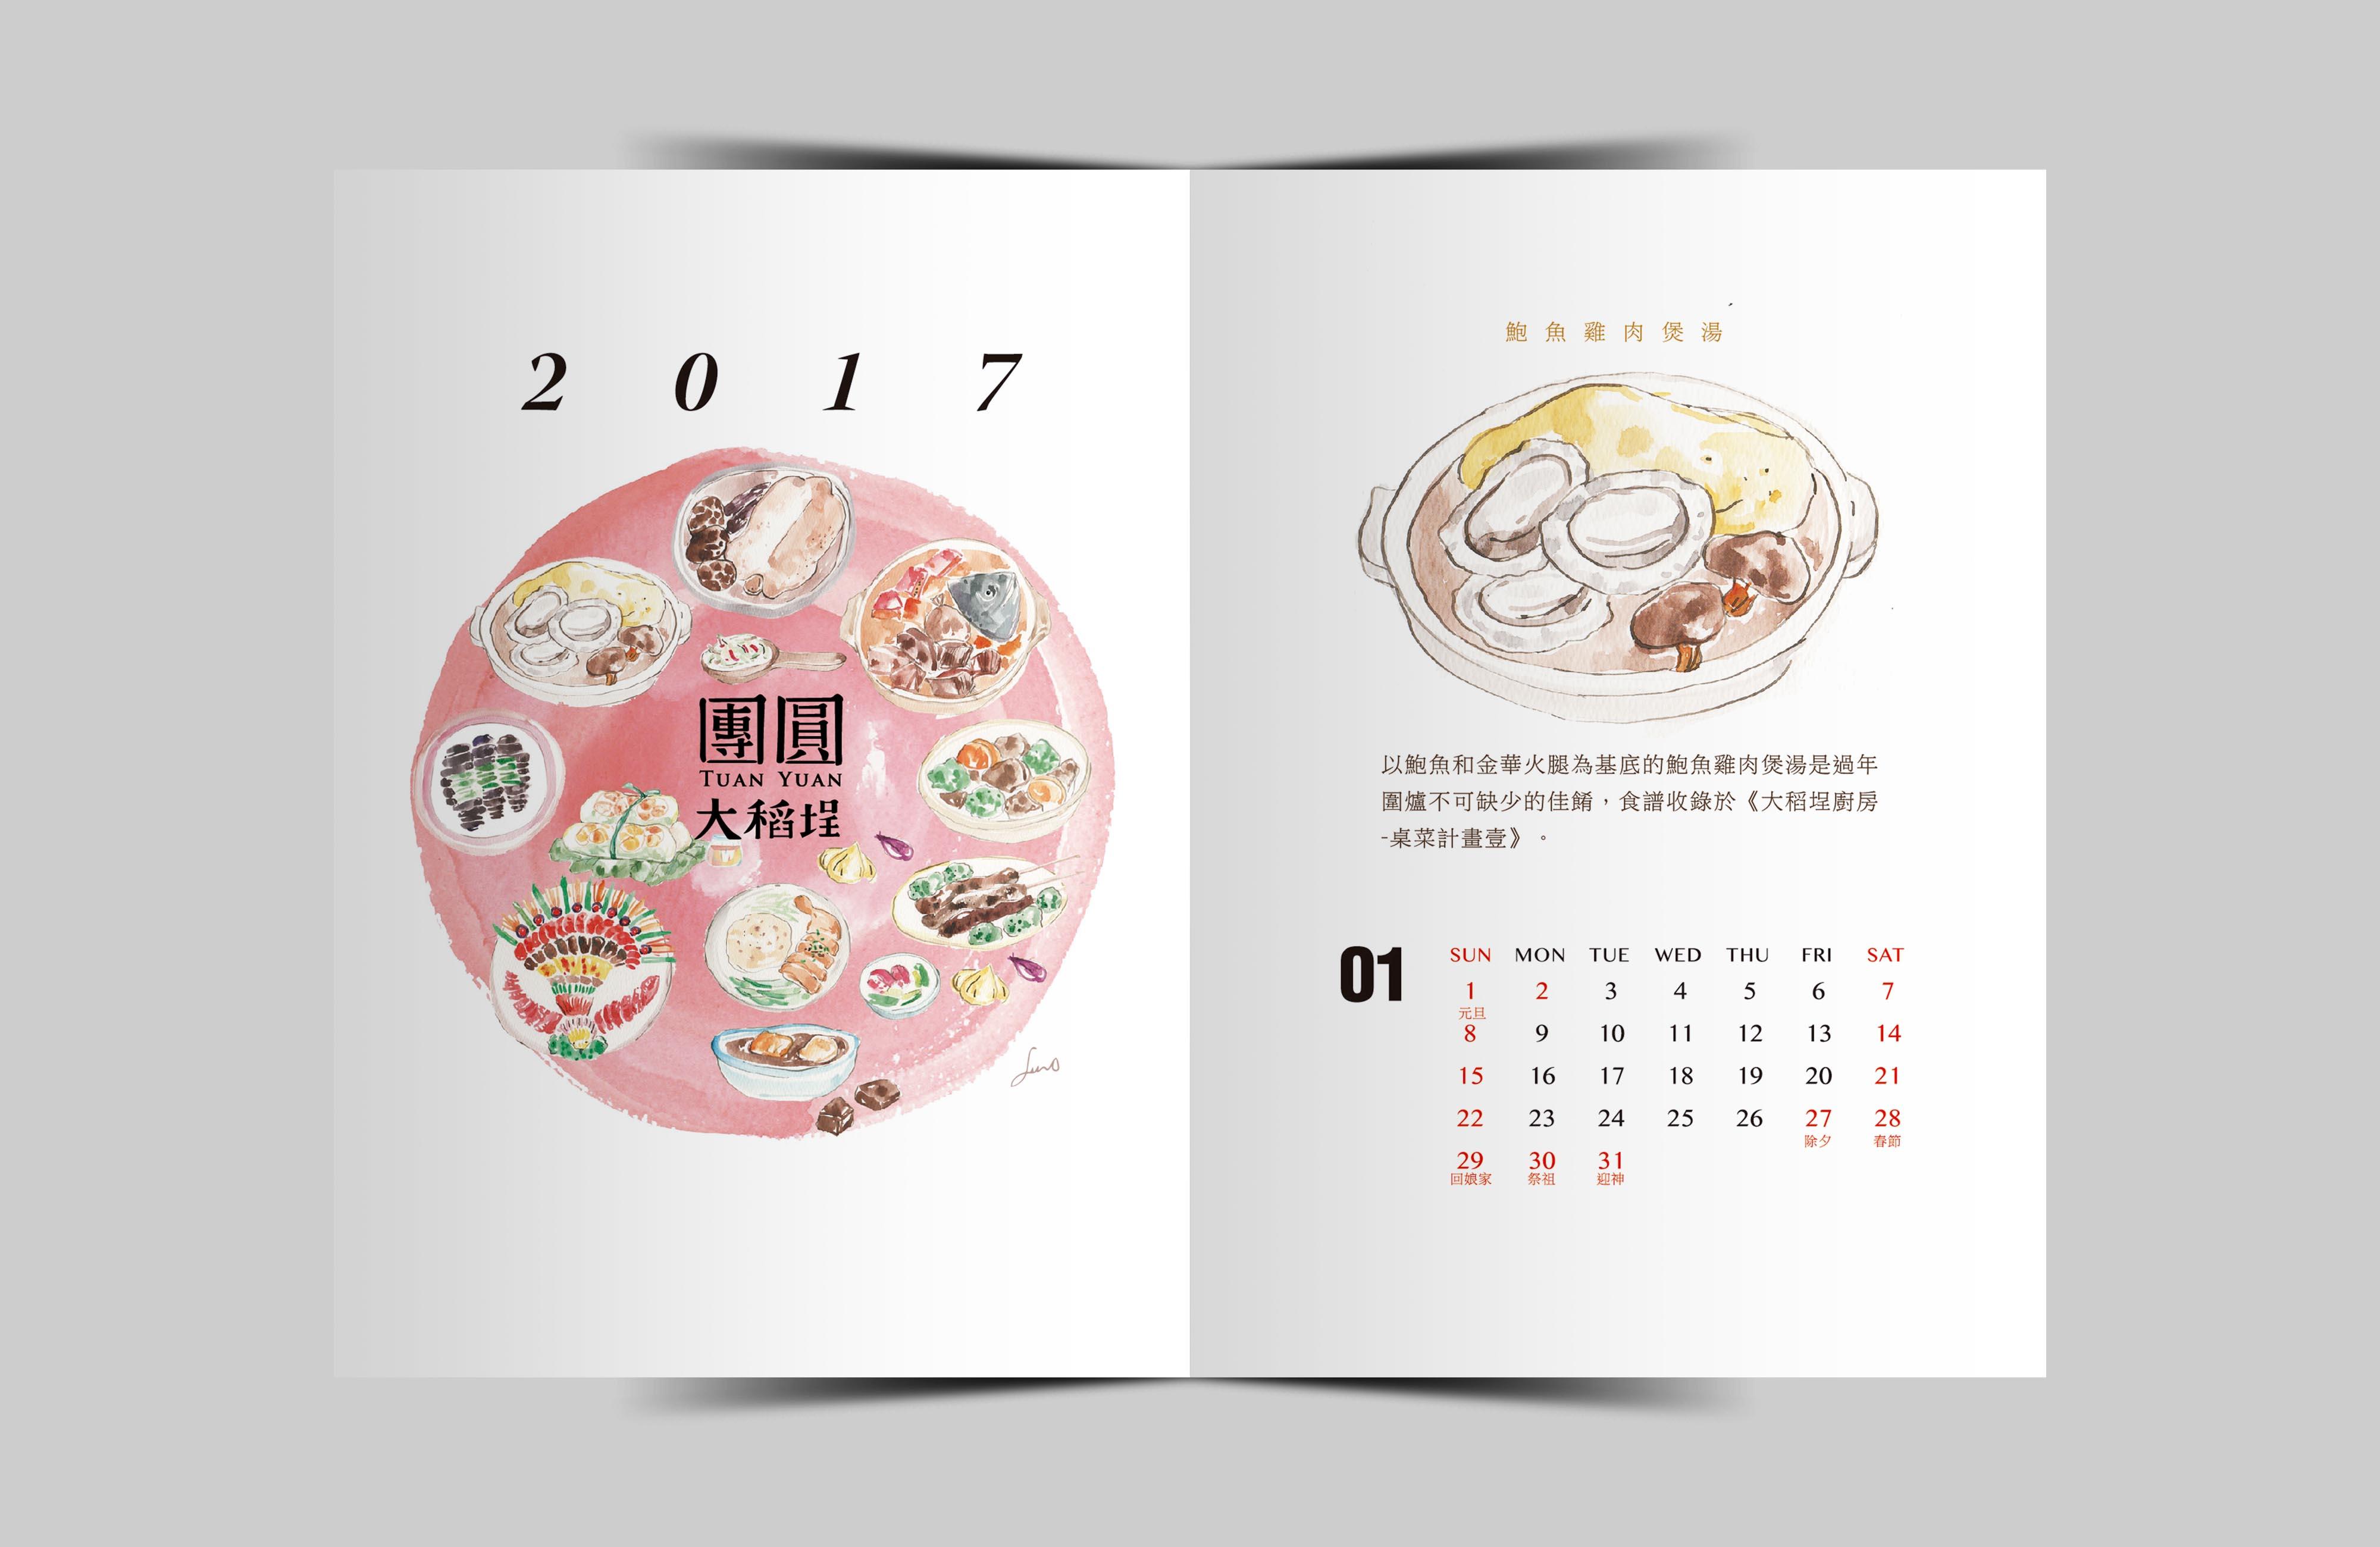 年曆設計-團圓大稻埕